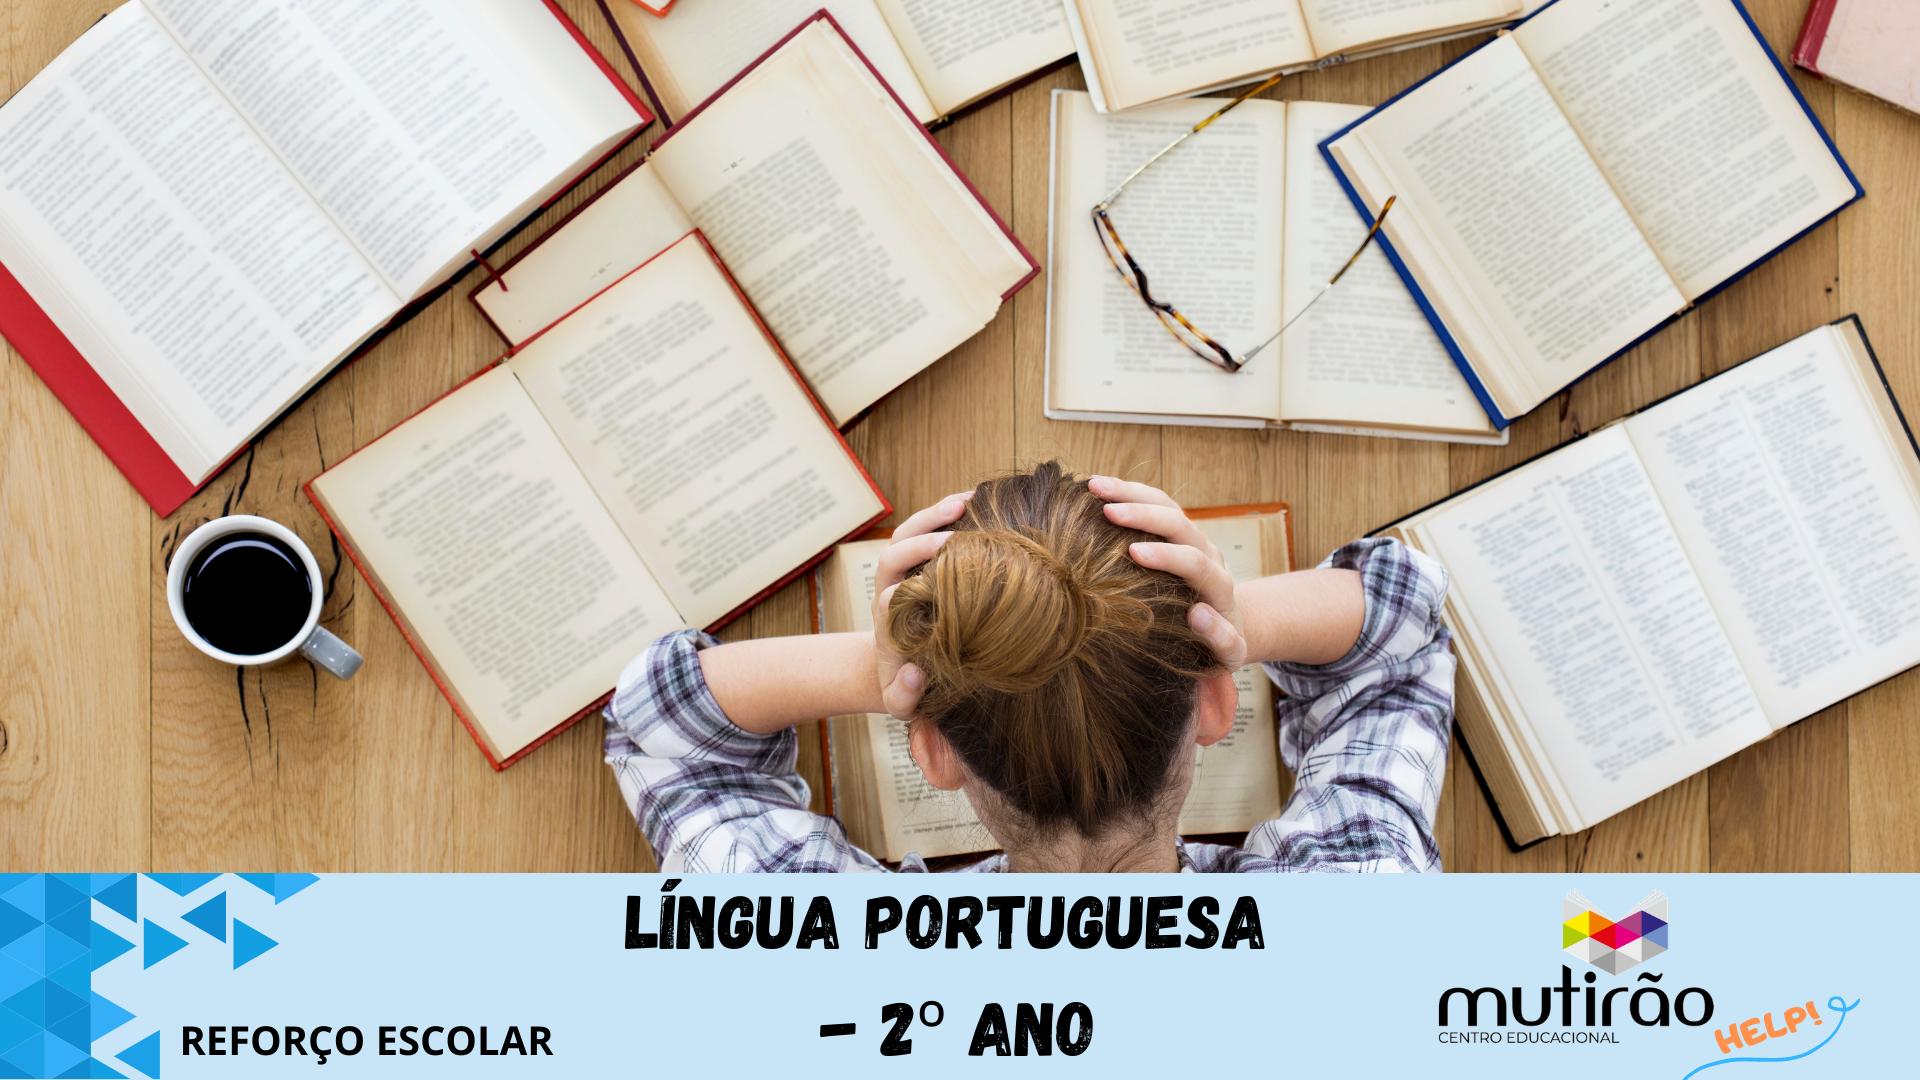 Mutirão Help ! Reforço Escolar 2º ano - LÍNGUA PORTUGUESA